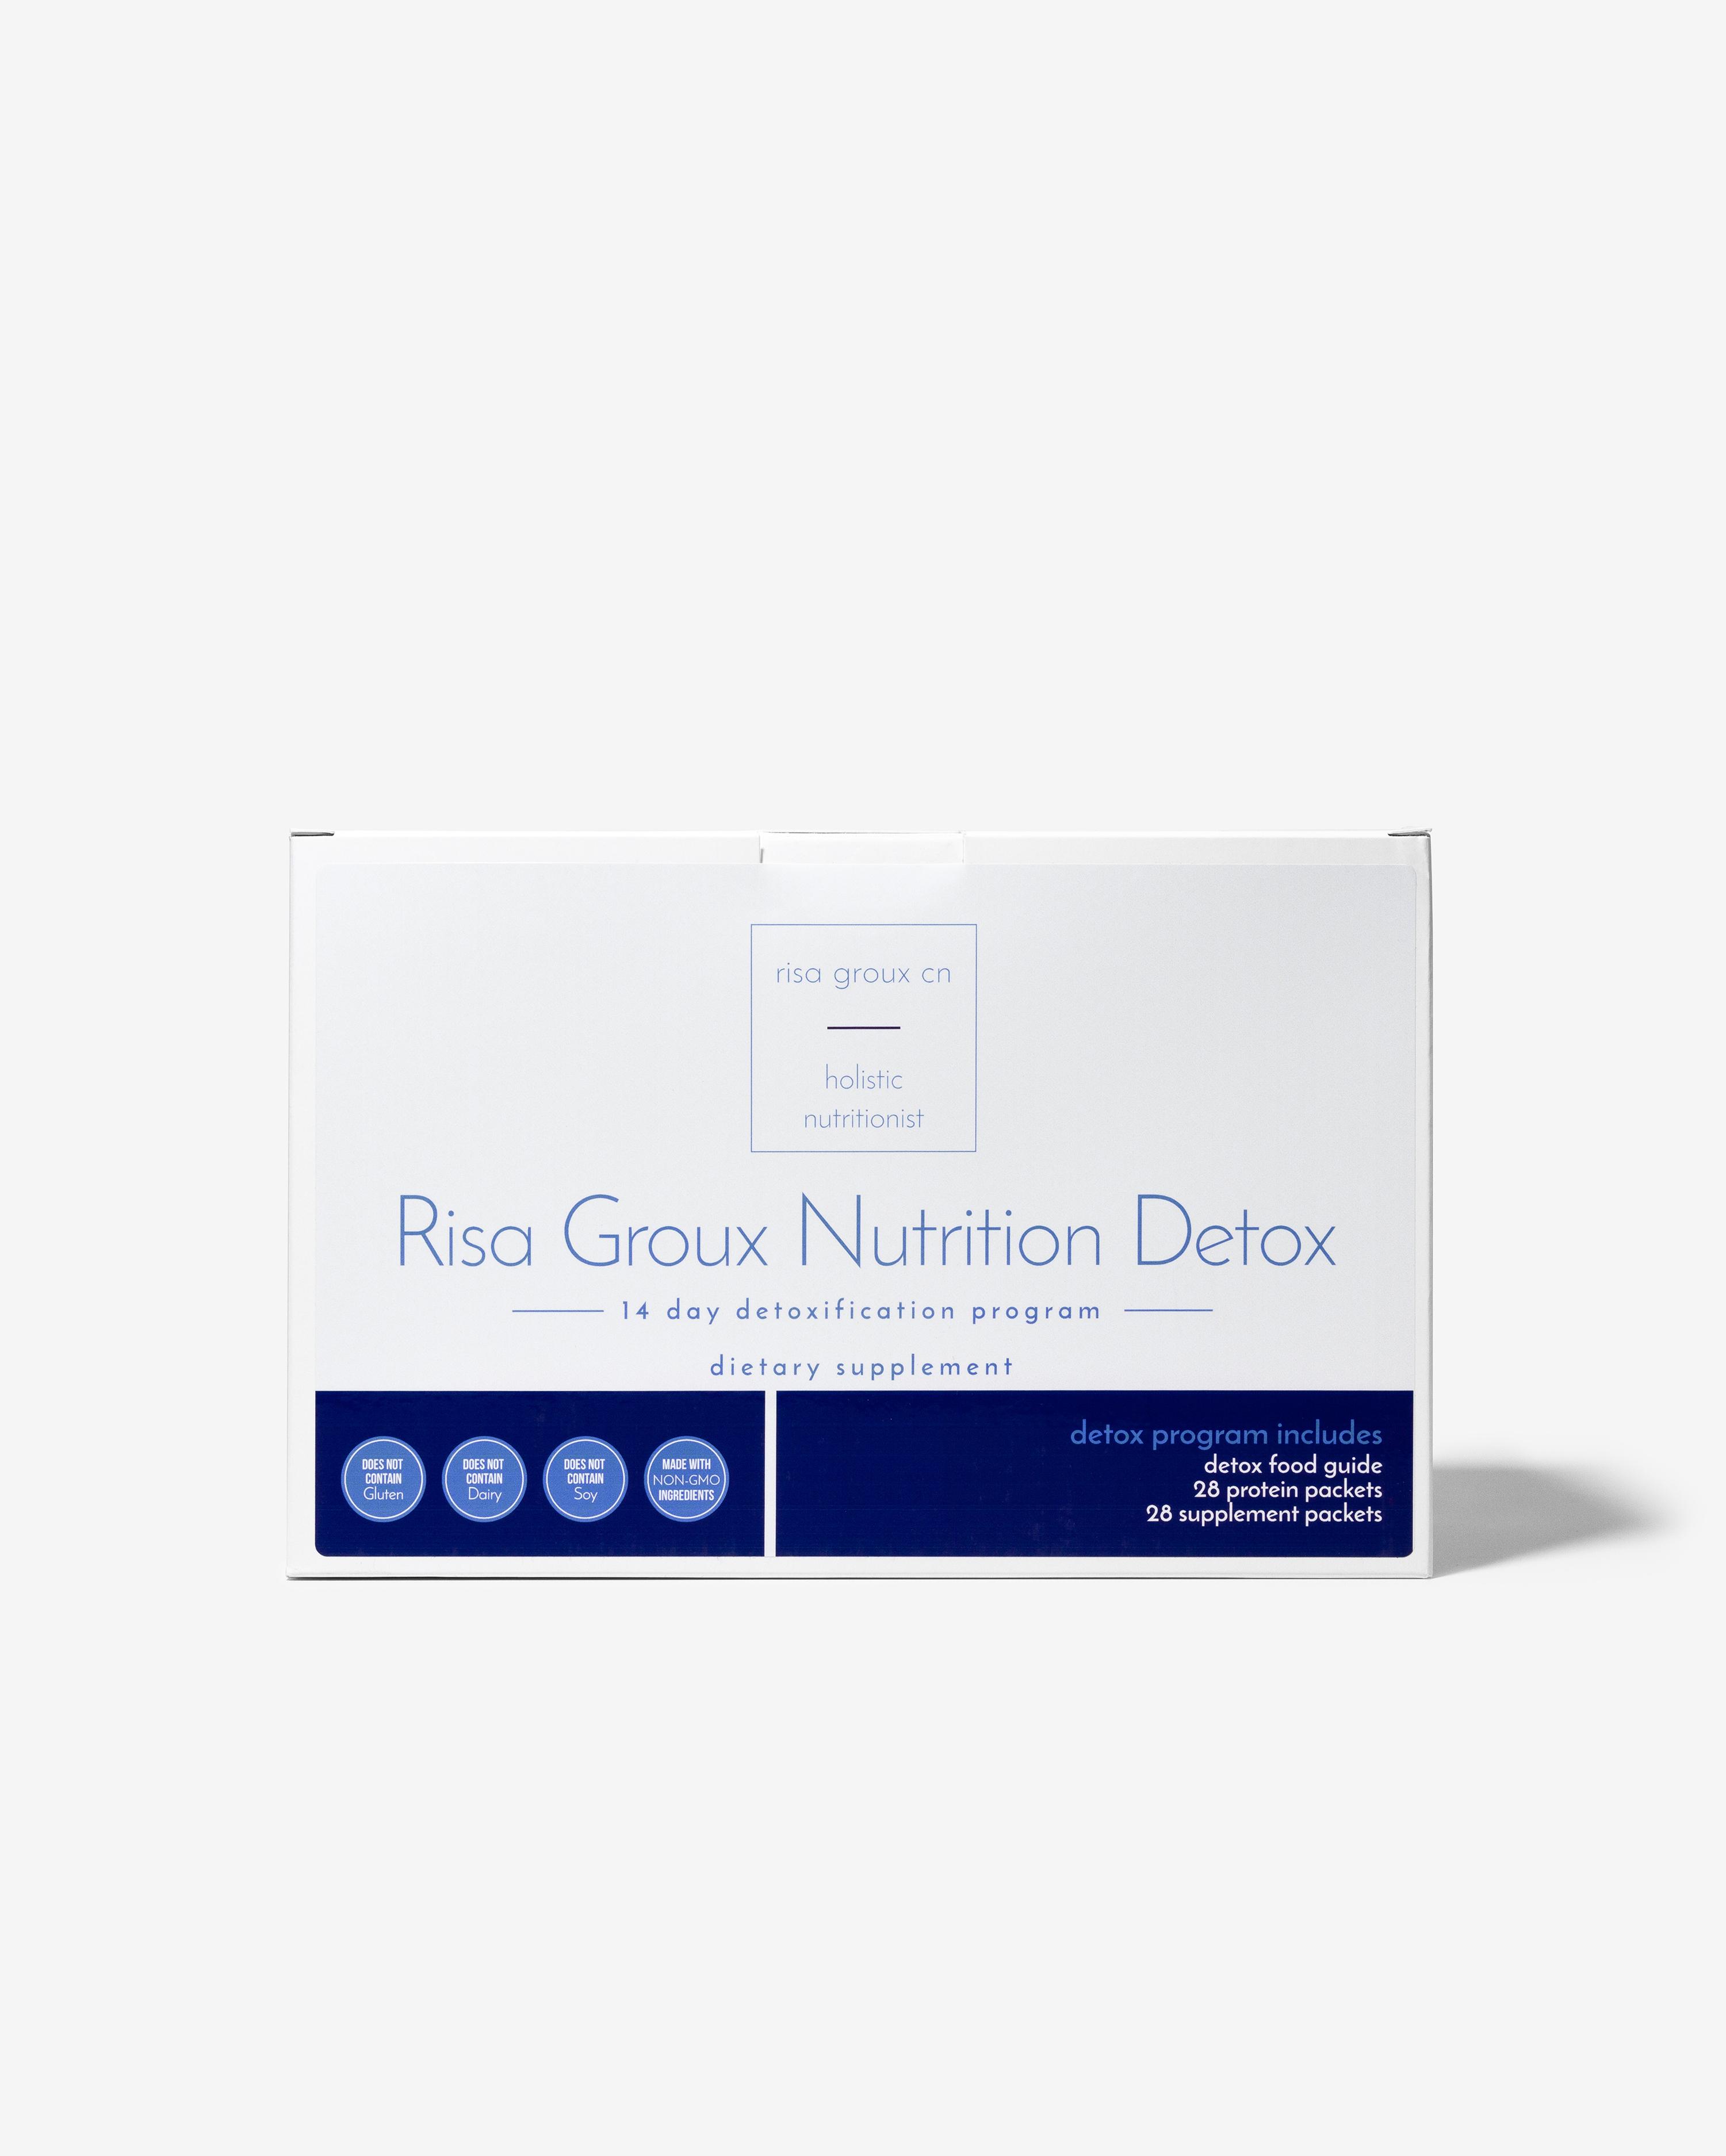 RGN Detox